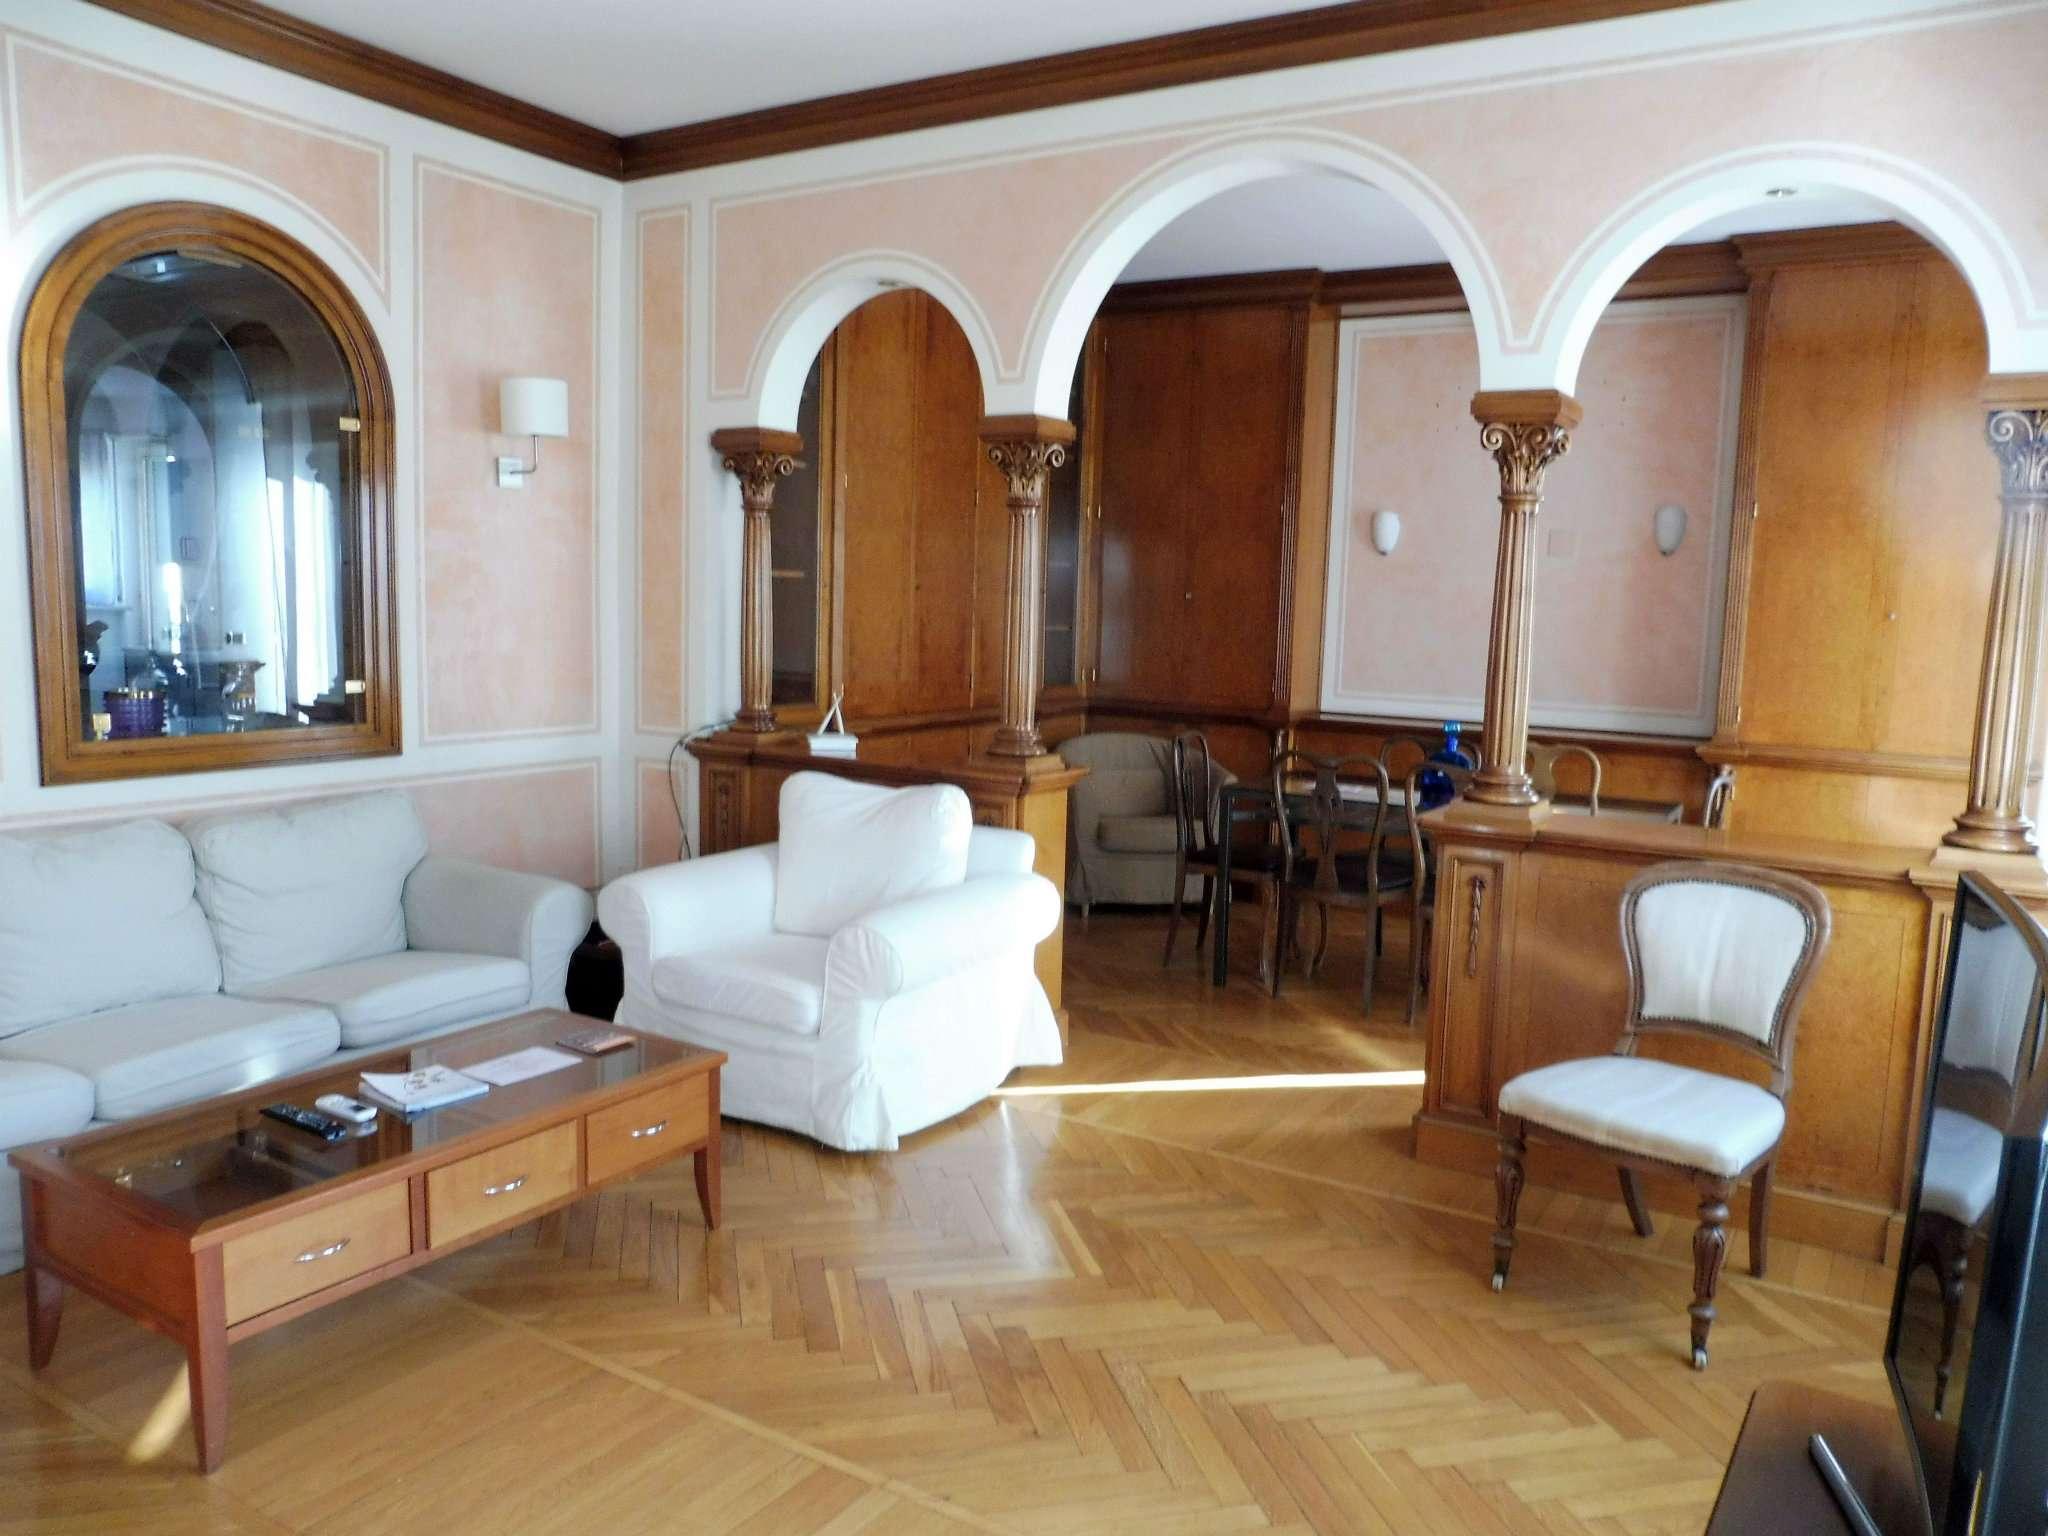 Foto 1 di Appartamento via Valeggio, Torino (zona Crocetta, San Secondo)